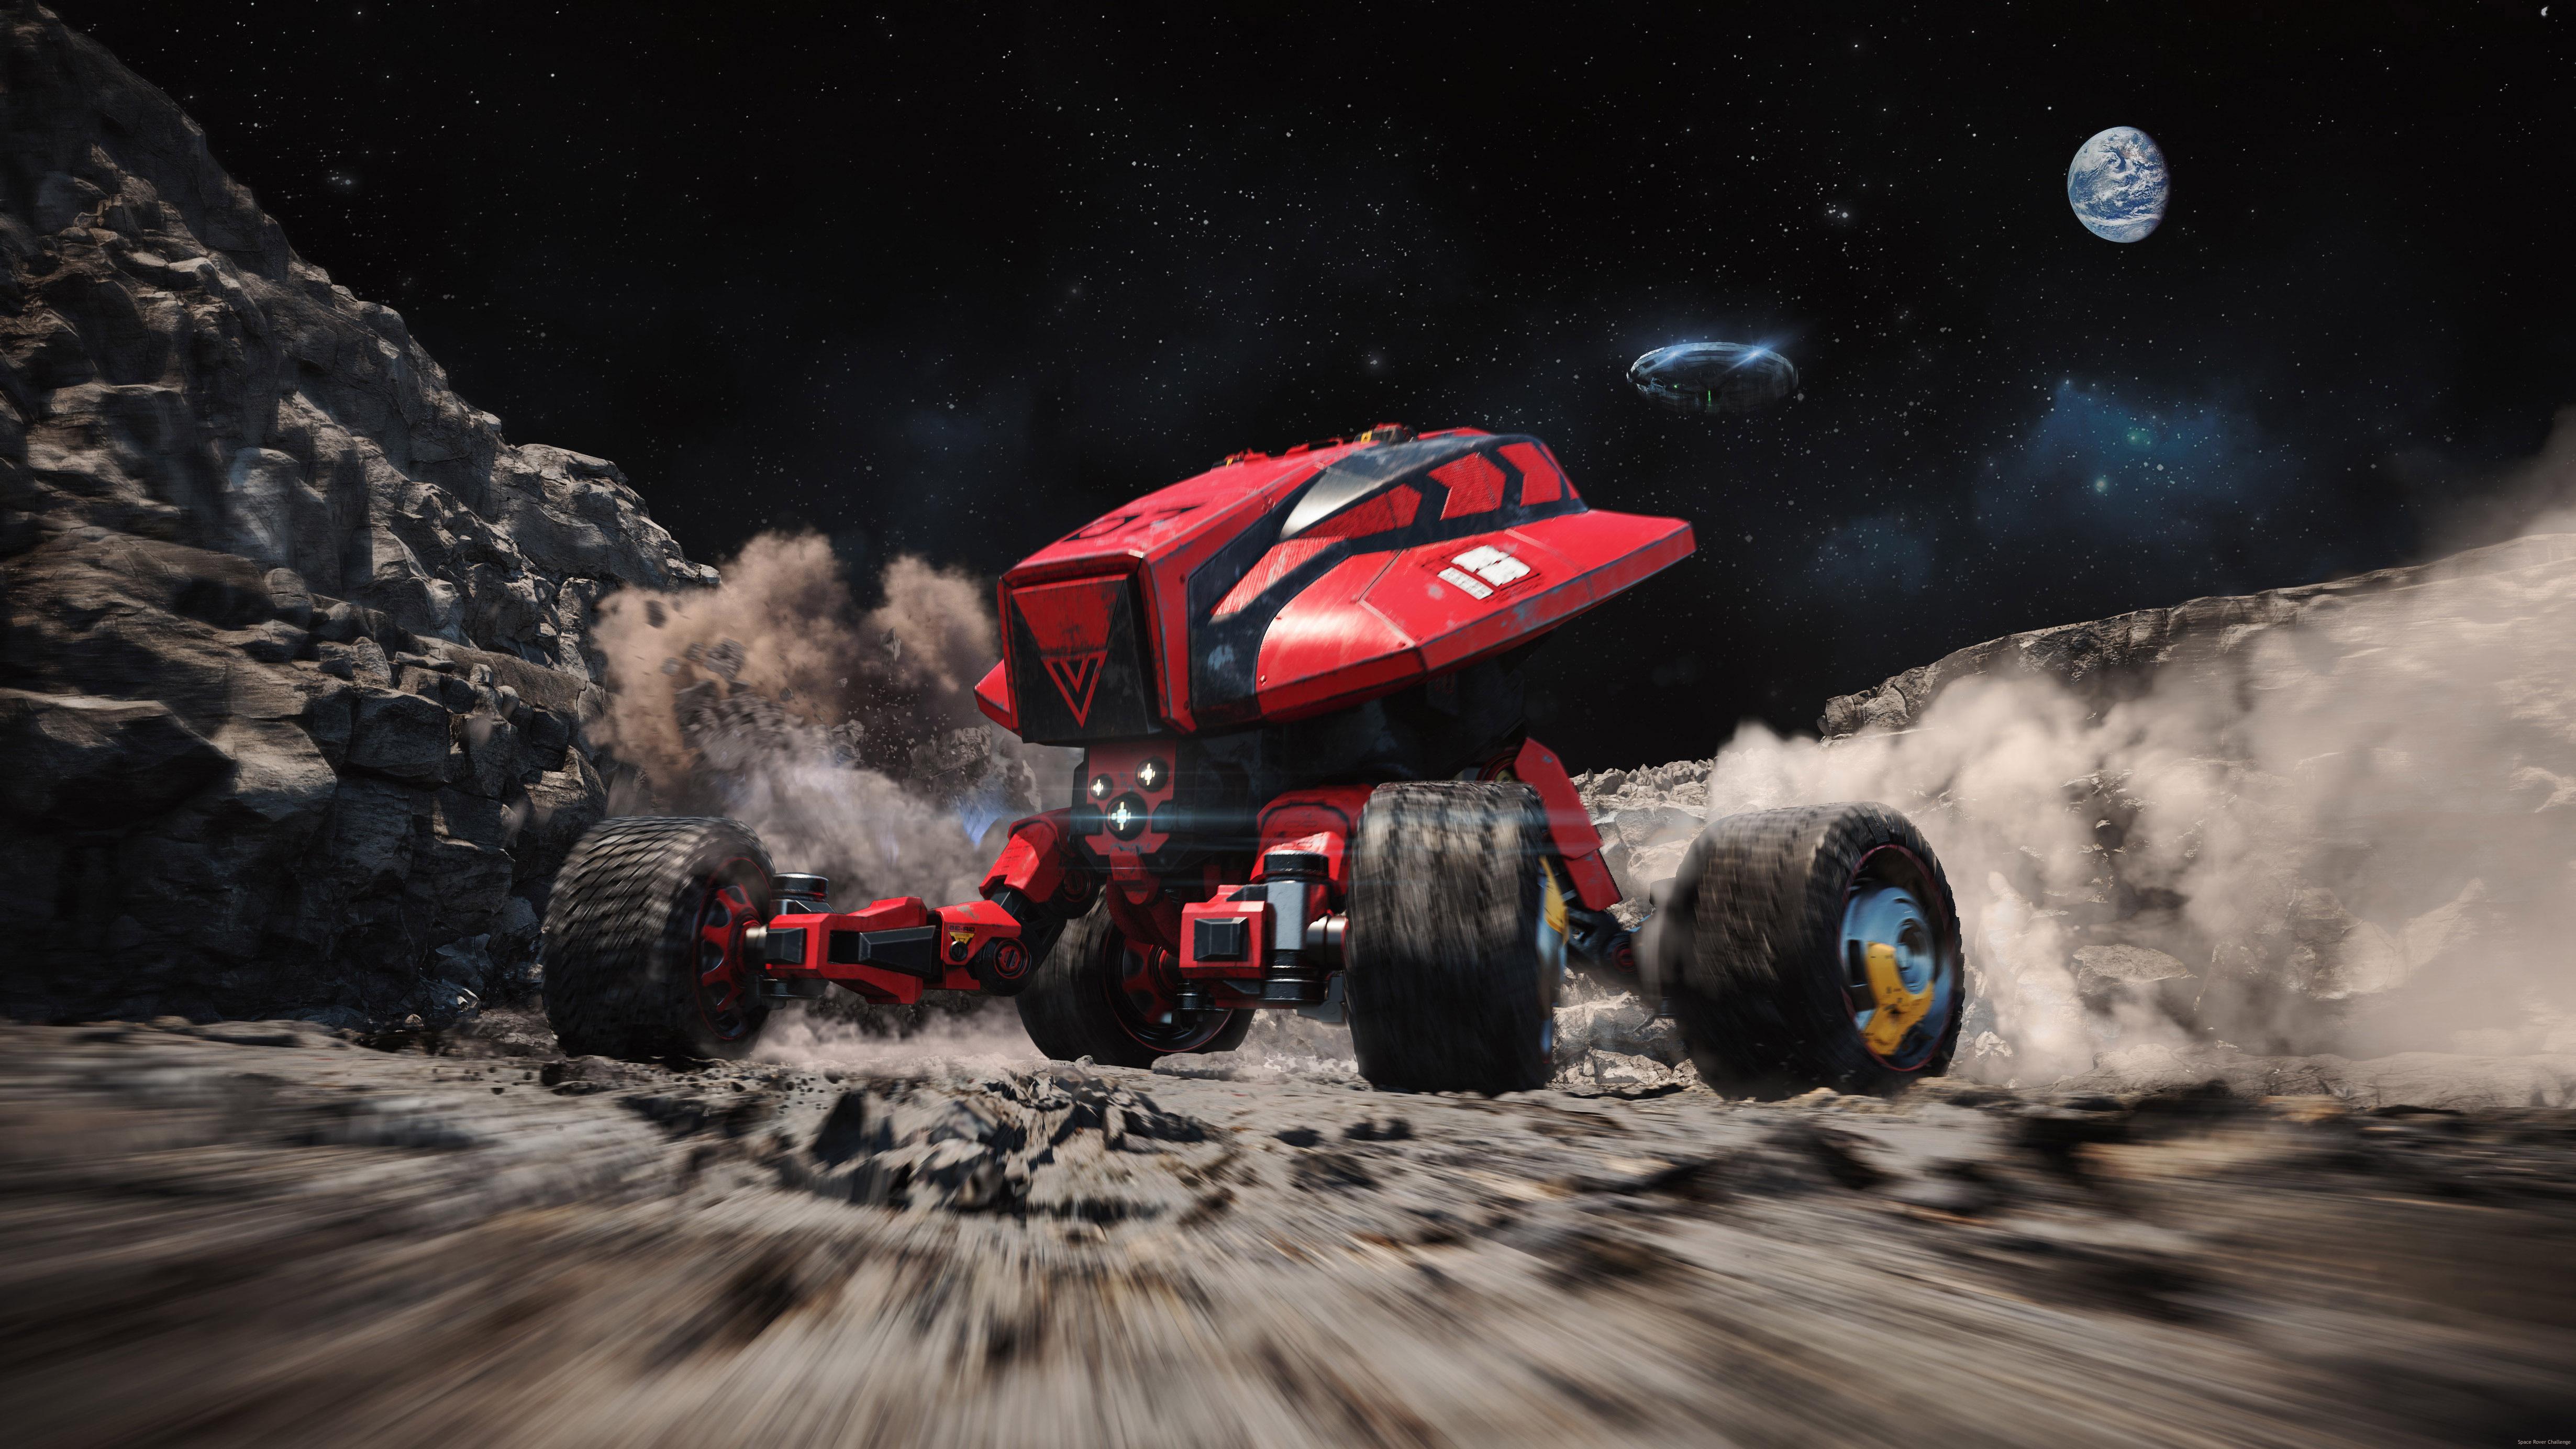 Beetle Wrx 3d art